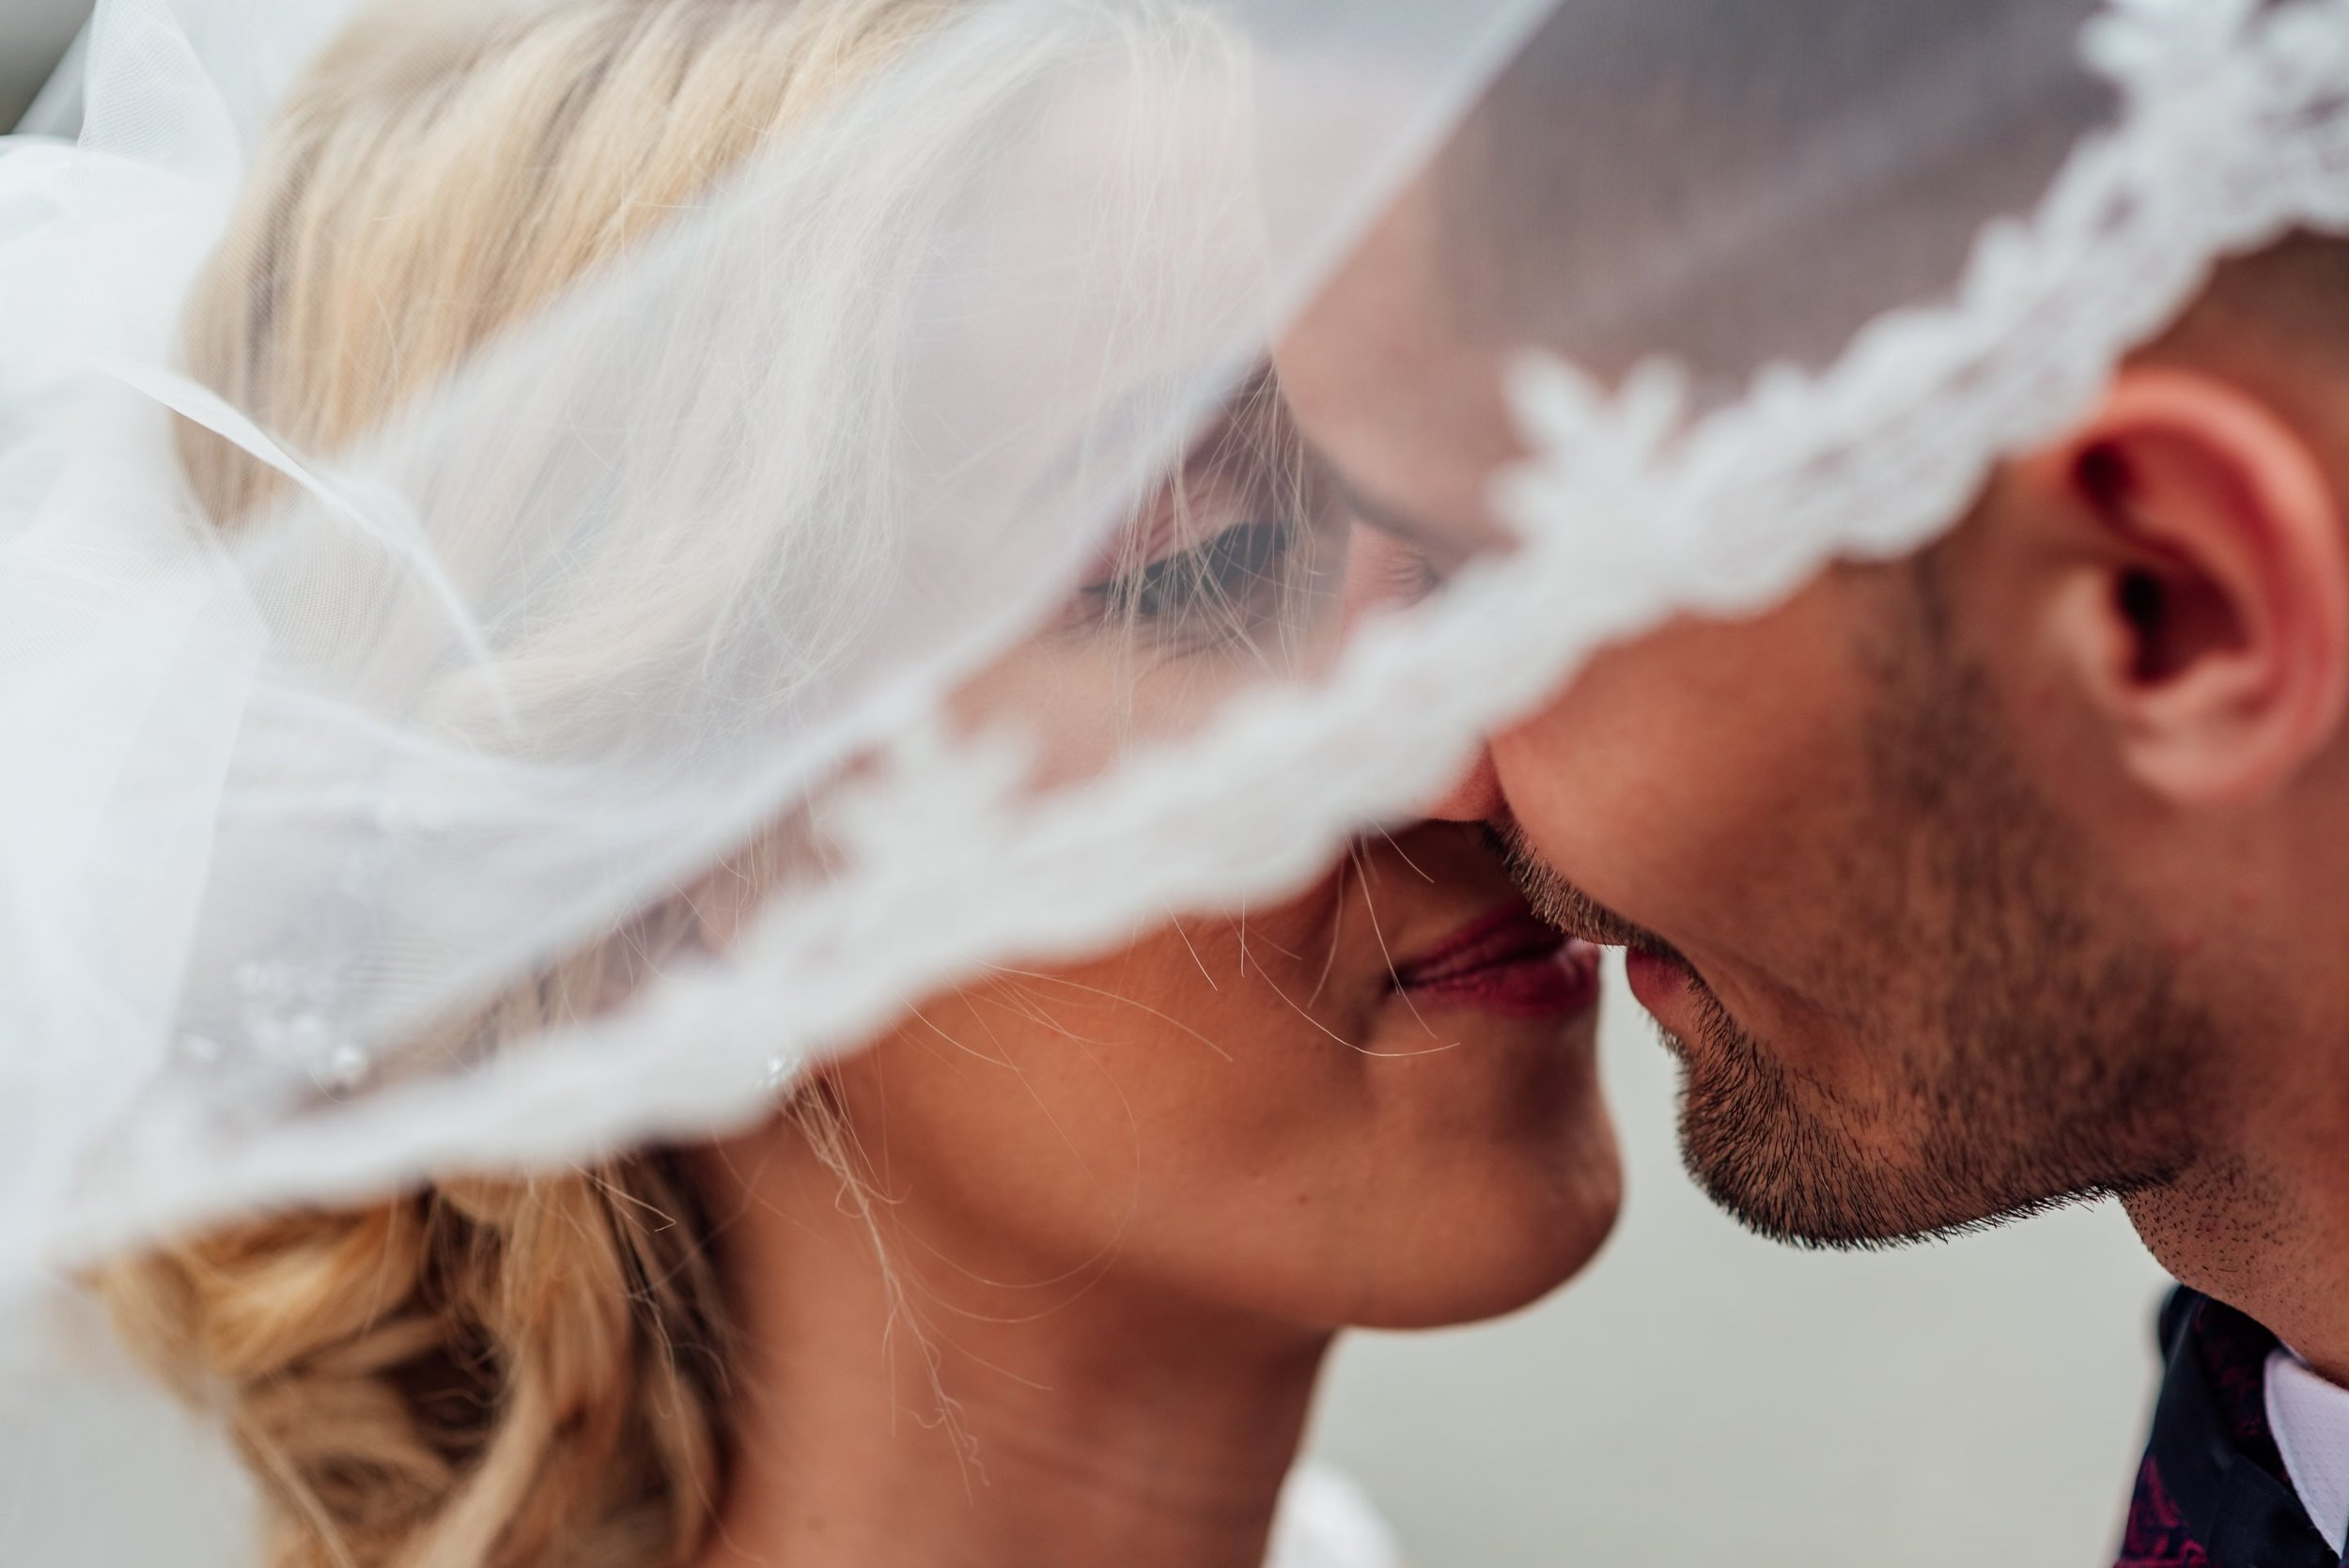 bride-bride-and-groom-couple-1589818.jpg